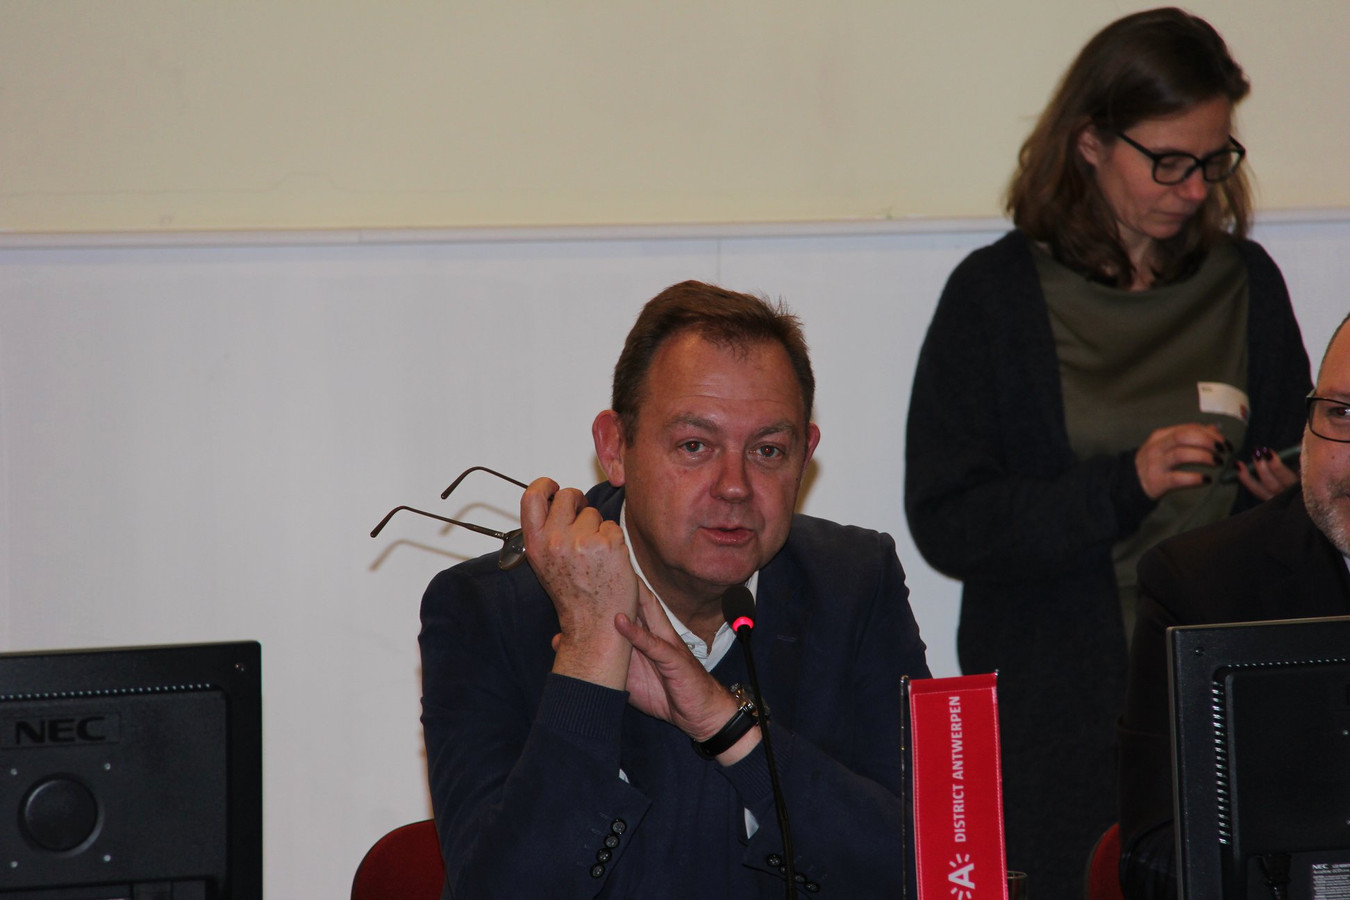 Marco Laenens volgt vanuit het OCMW- en stadsbestuur al vijftien jaar de situatie van vluchtelingen in Antwerpen op.